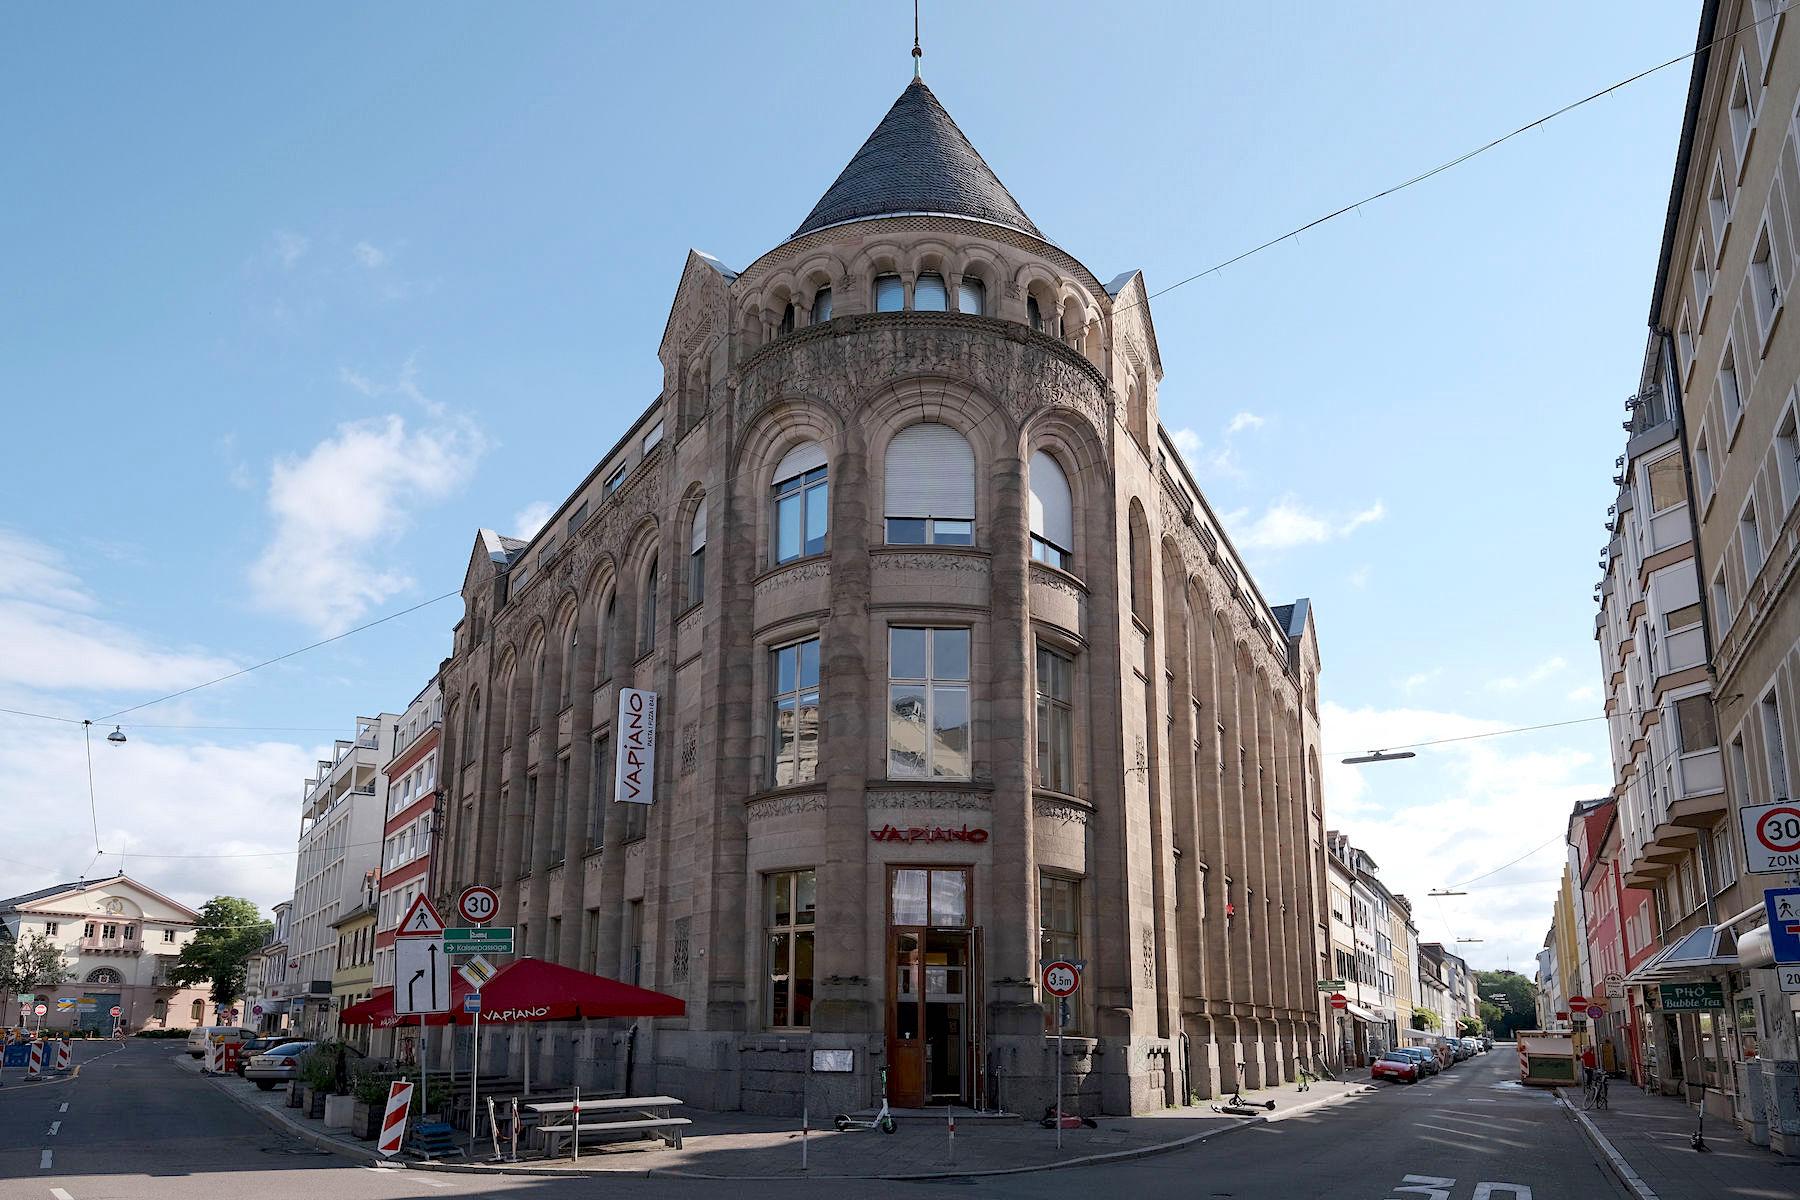 Bankhaus Homburger. Das Gebäude nach Entwürfen von Curjel und Moser gilt als eines der ersten reinen Jugendstil-Gebäude in Karlsruhe.